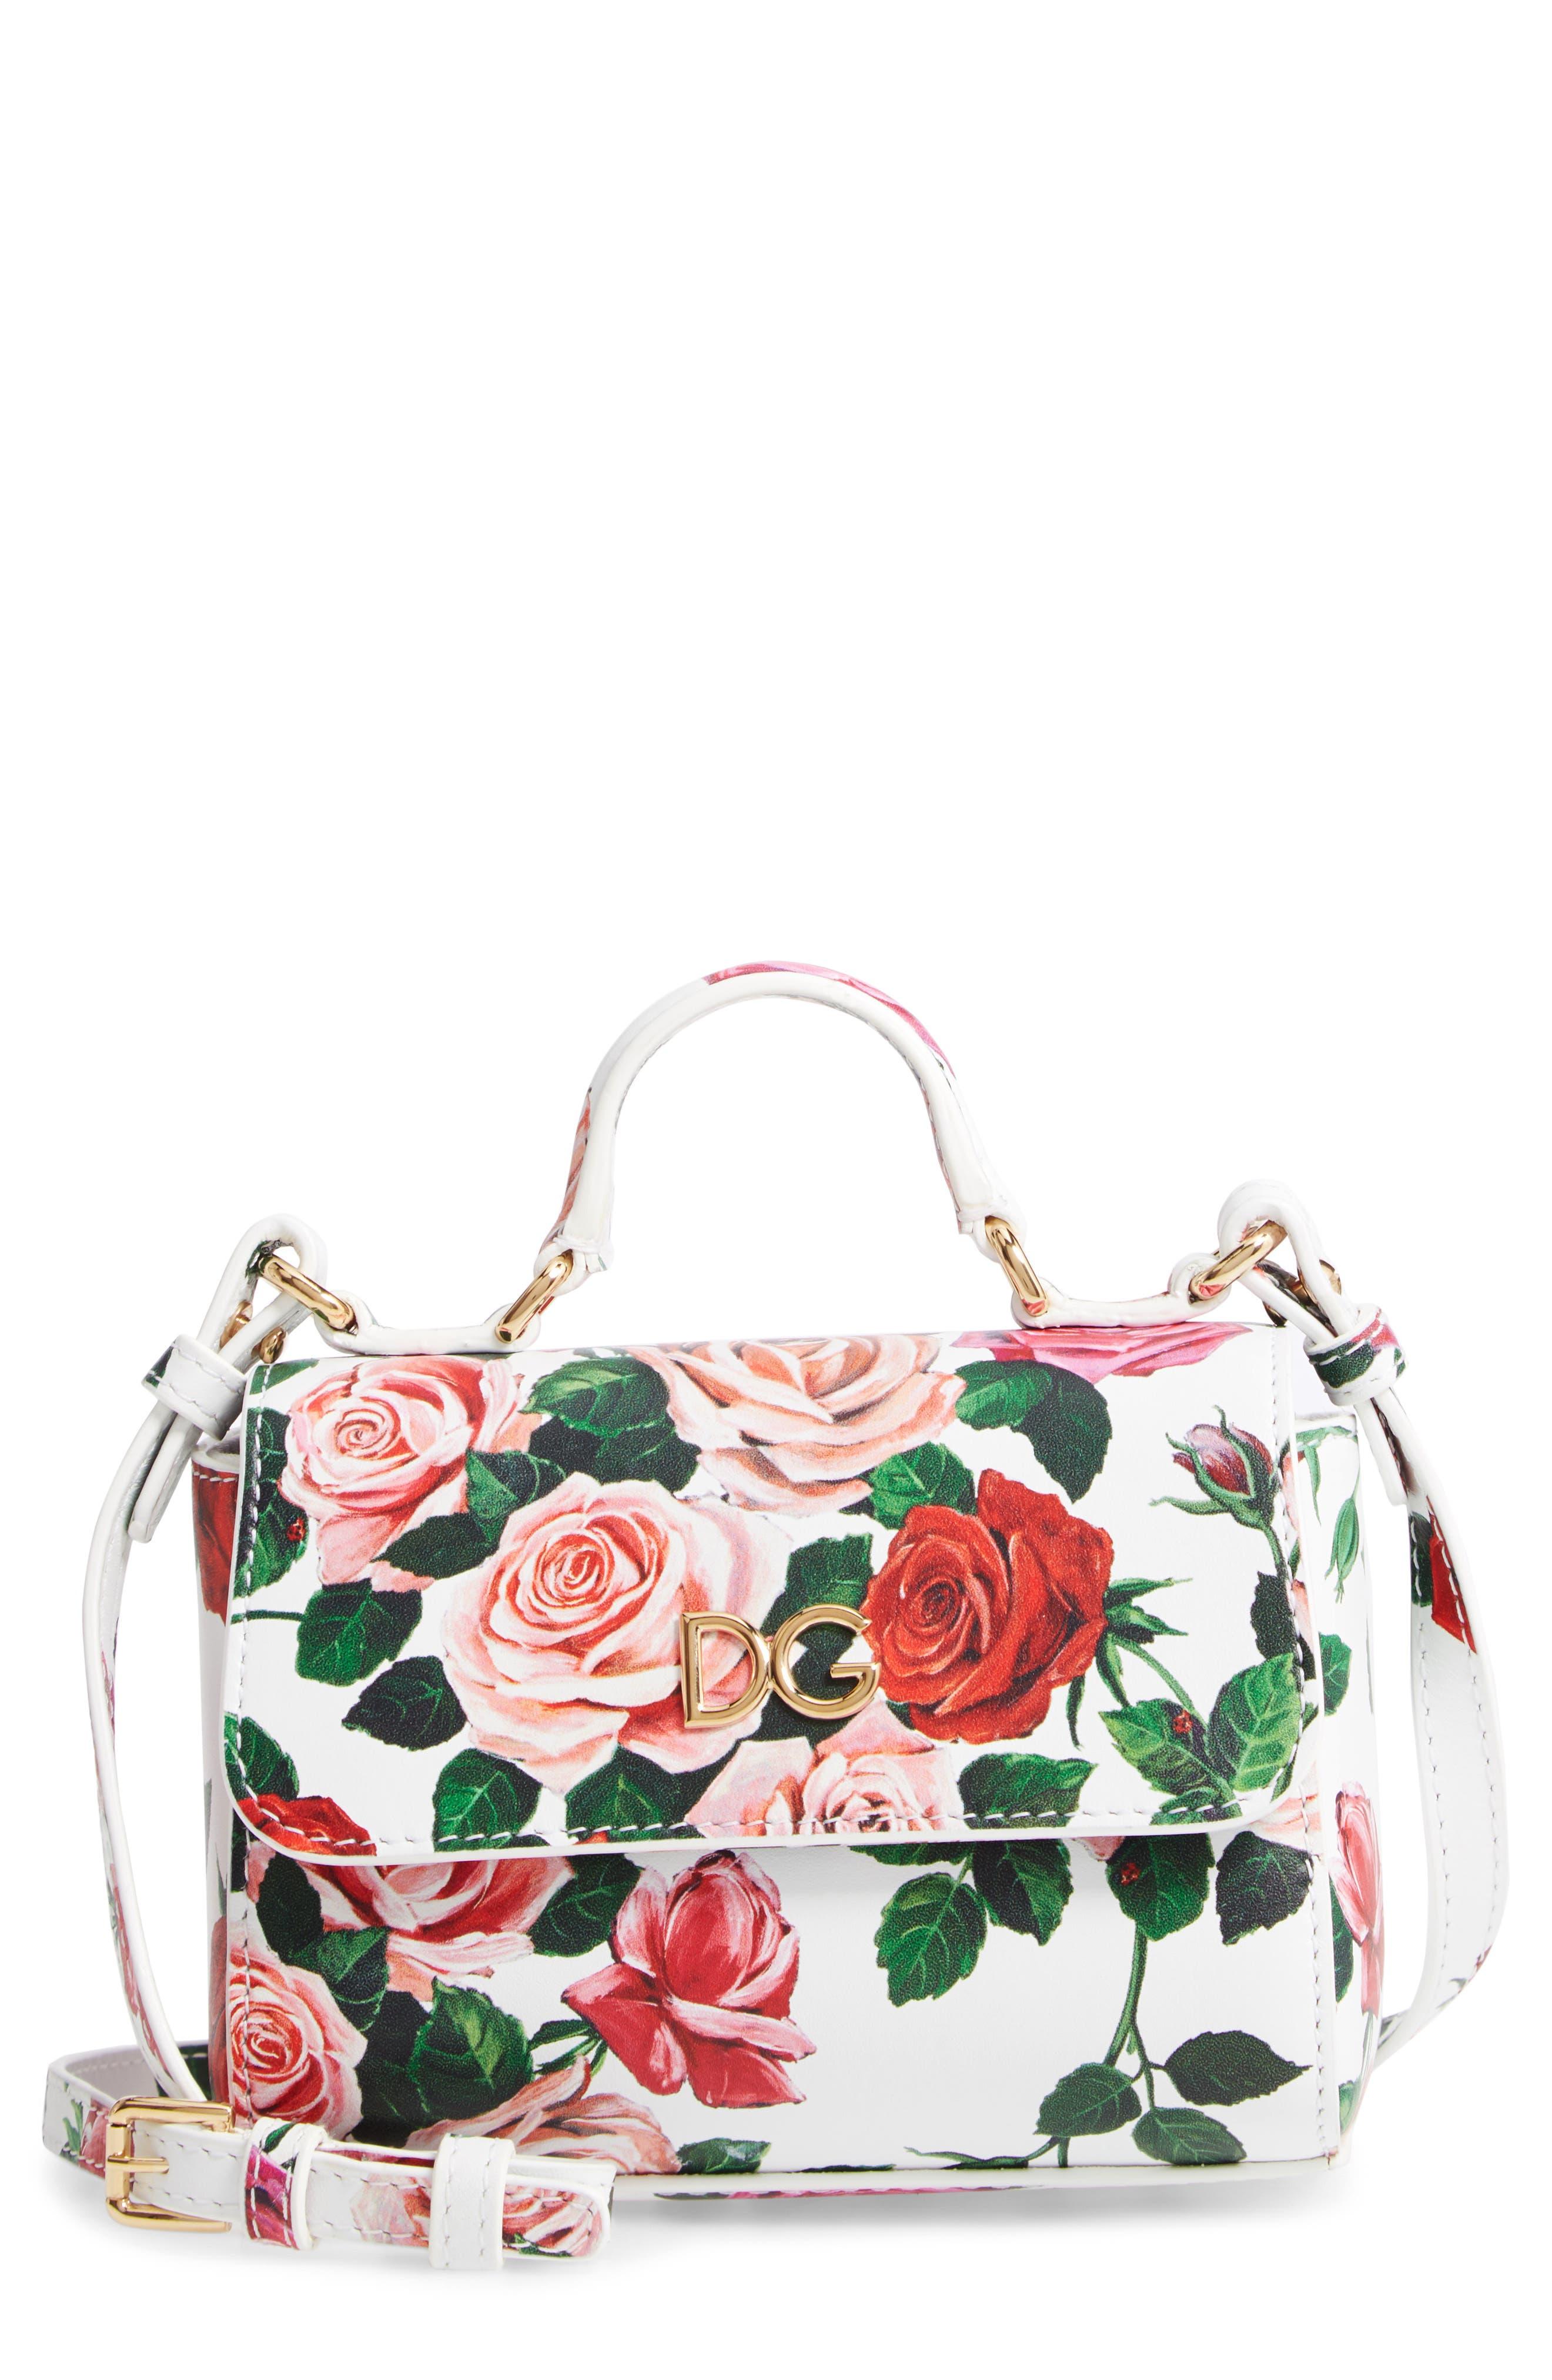 DOLCE&GABBANA, Floral Print Handbag, Main thumbnail 1, color, MIX ROSE FDO BCO NAT